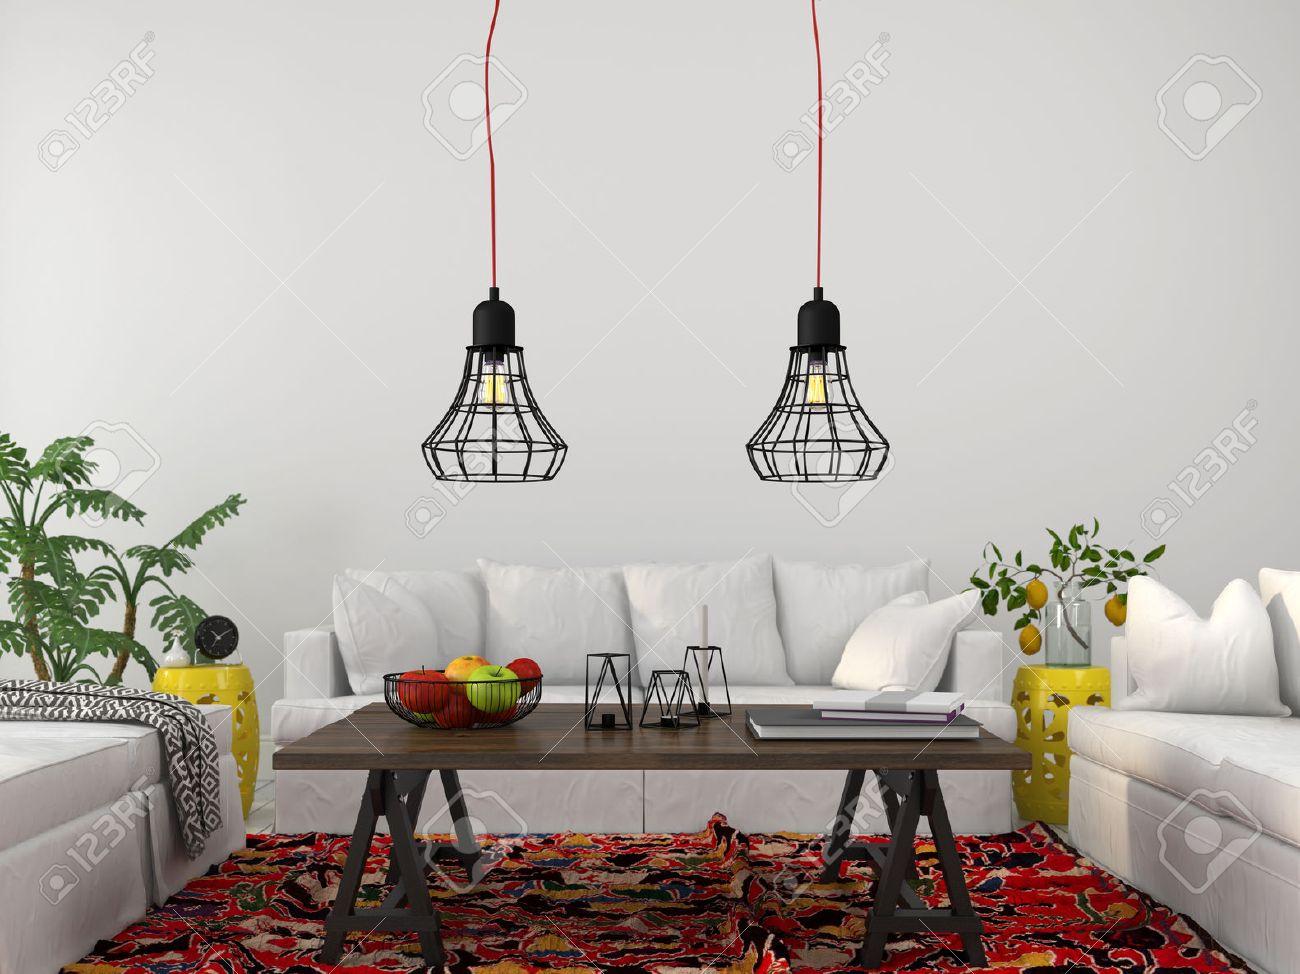 Fantastisch Modernes Wohnzimmer Mit Weißen Möbeln, Holztisch Und Modern Kronleuchter  Standard Bild   42092053